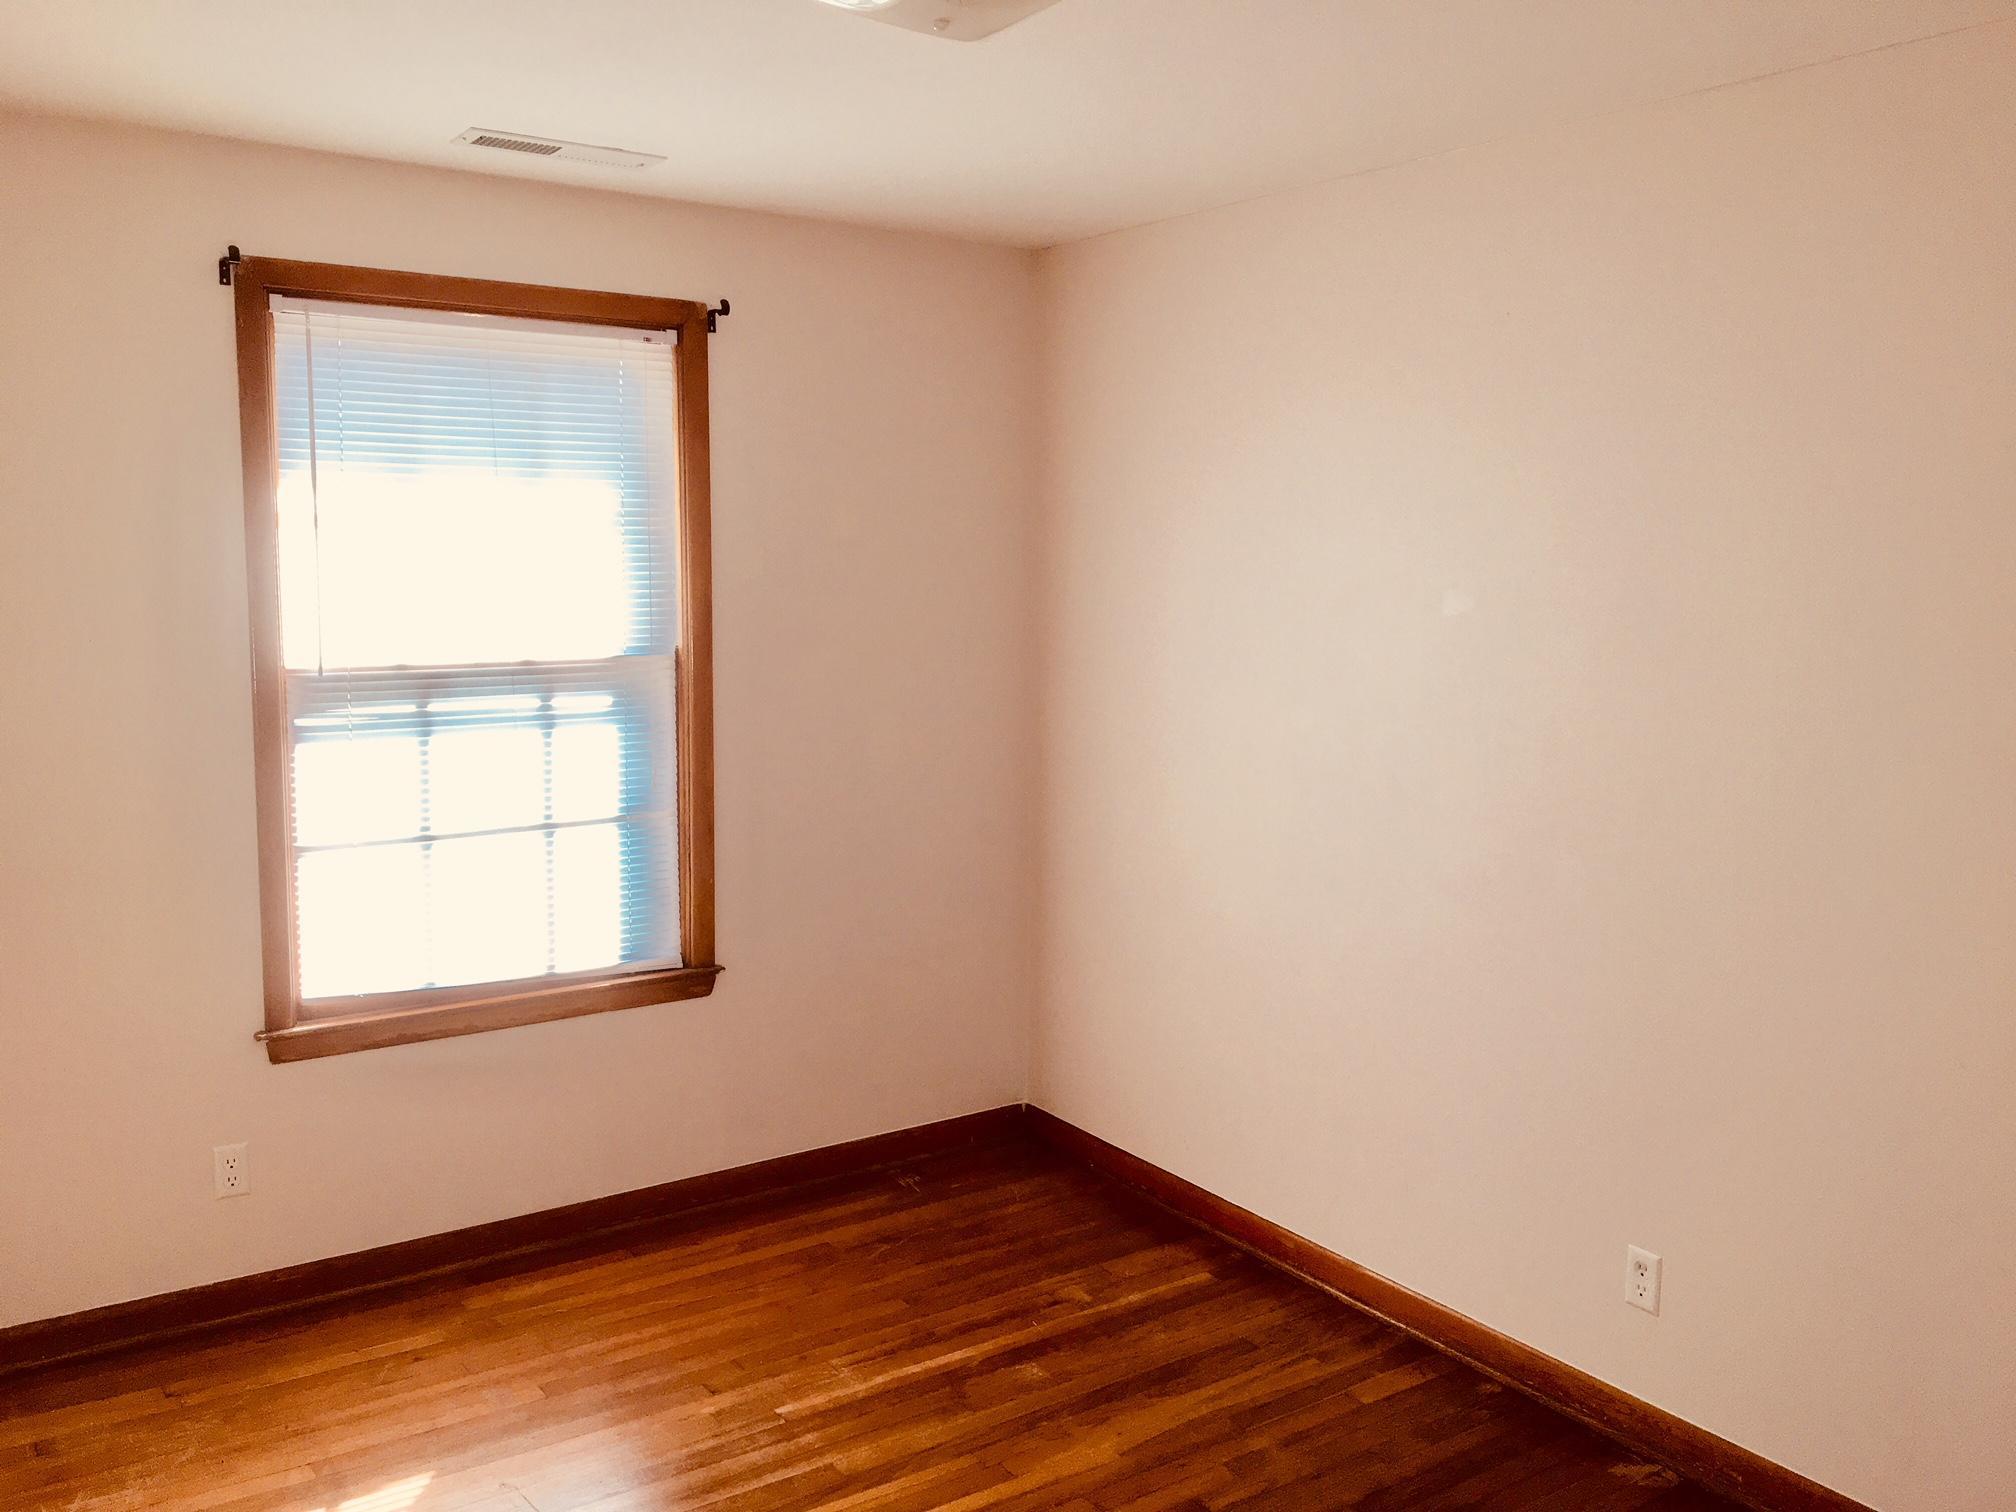 Shemwood Homes For Sale - 1146 Saint Elizabeth, Mount Pleasant, SC - 11